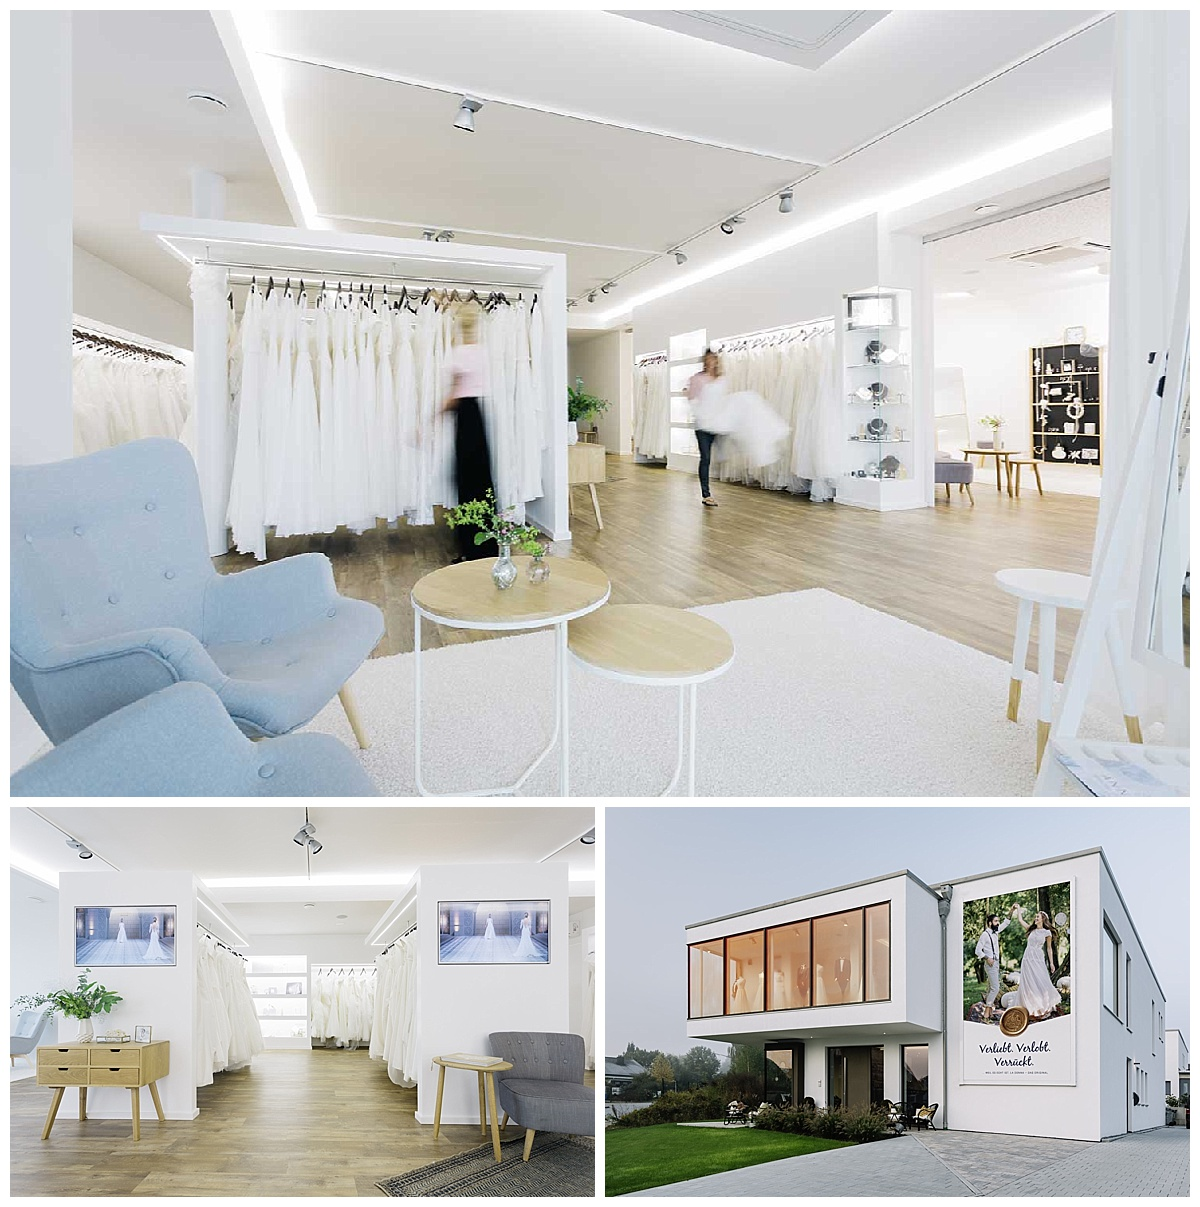 wann sollte man hochzeitskleid kaufen die besten momente. Black Bedroom Furniture Sets. Home Design Ideas